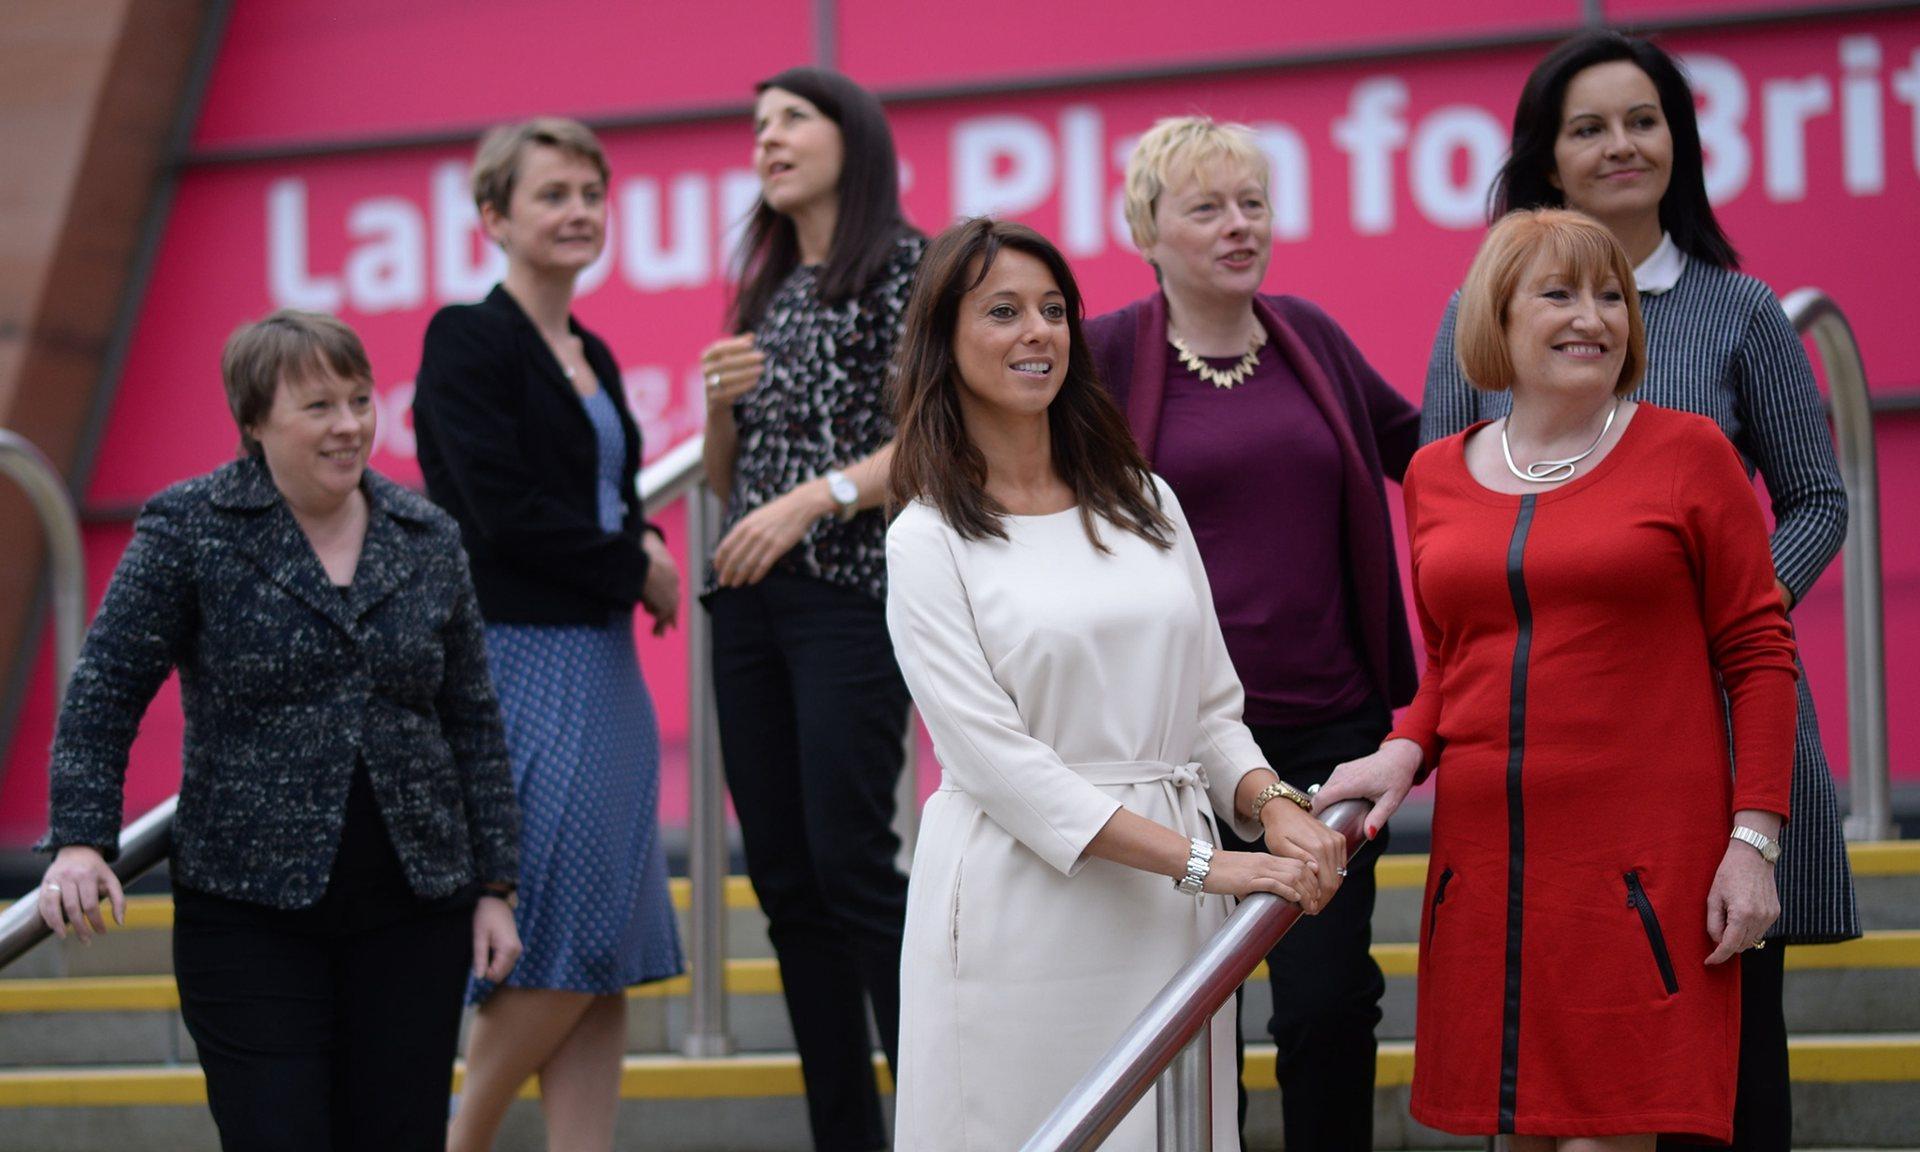 Labour's women's problem